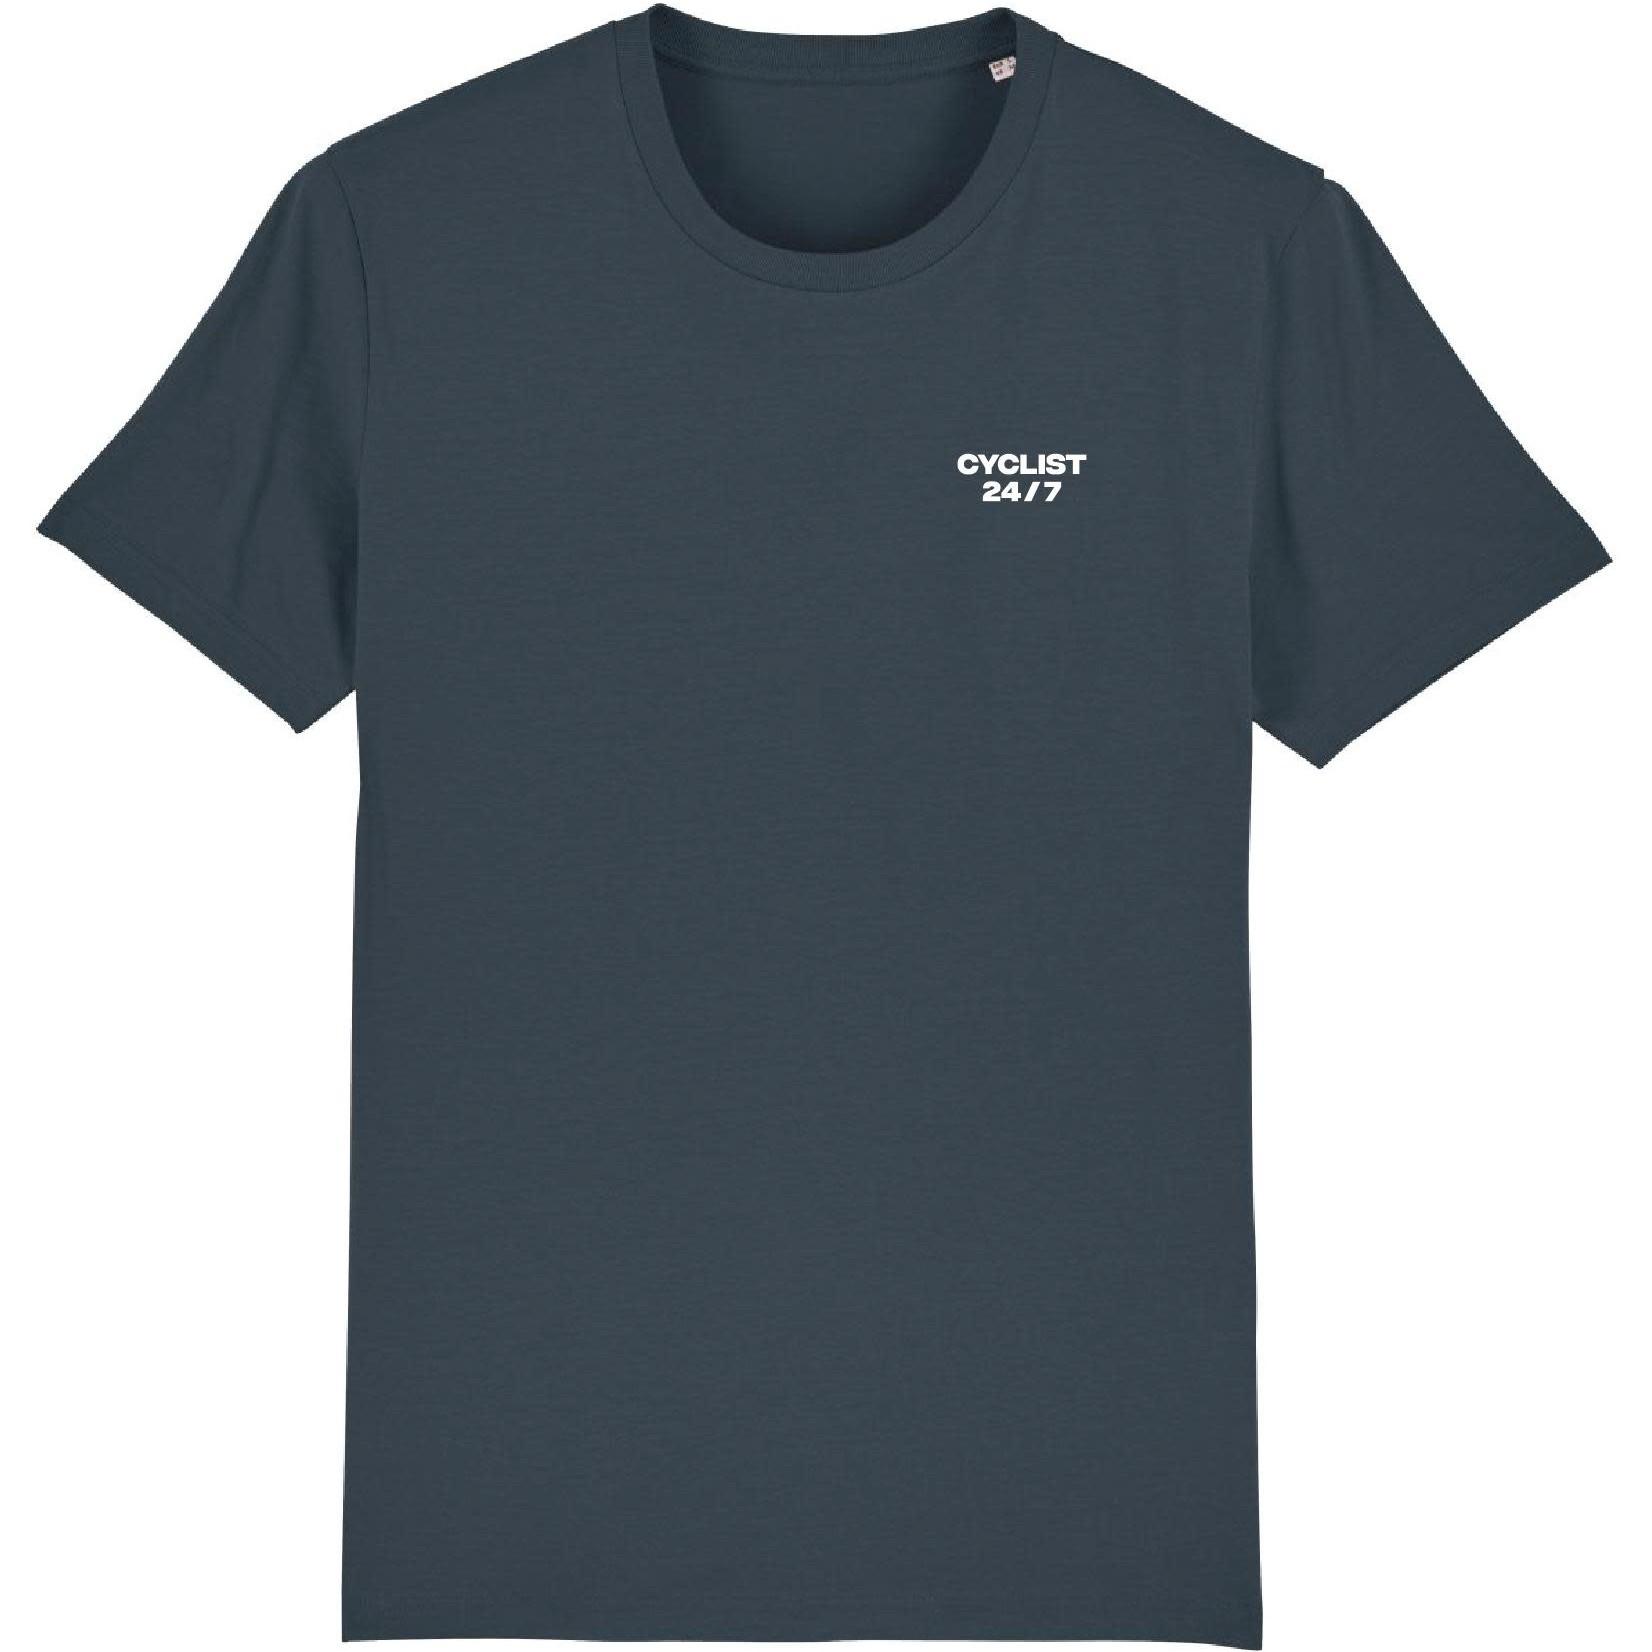 T-shirt 'Cyclist 24/7' (grey)